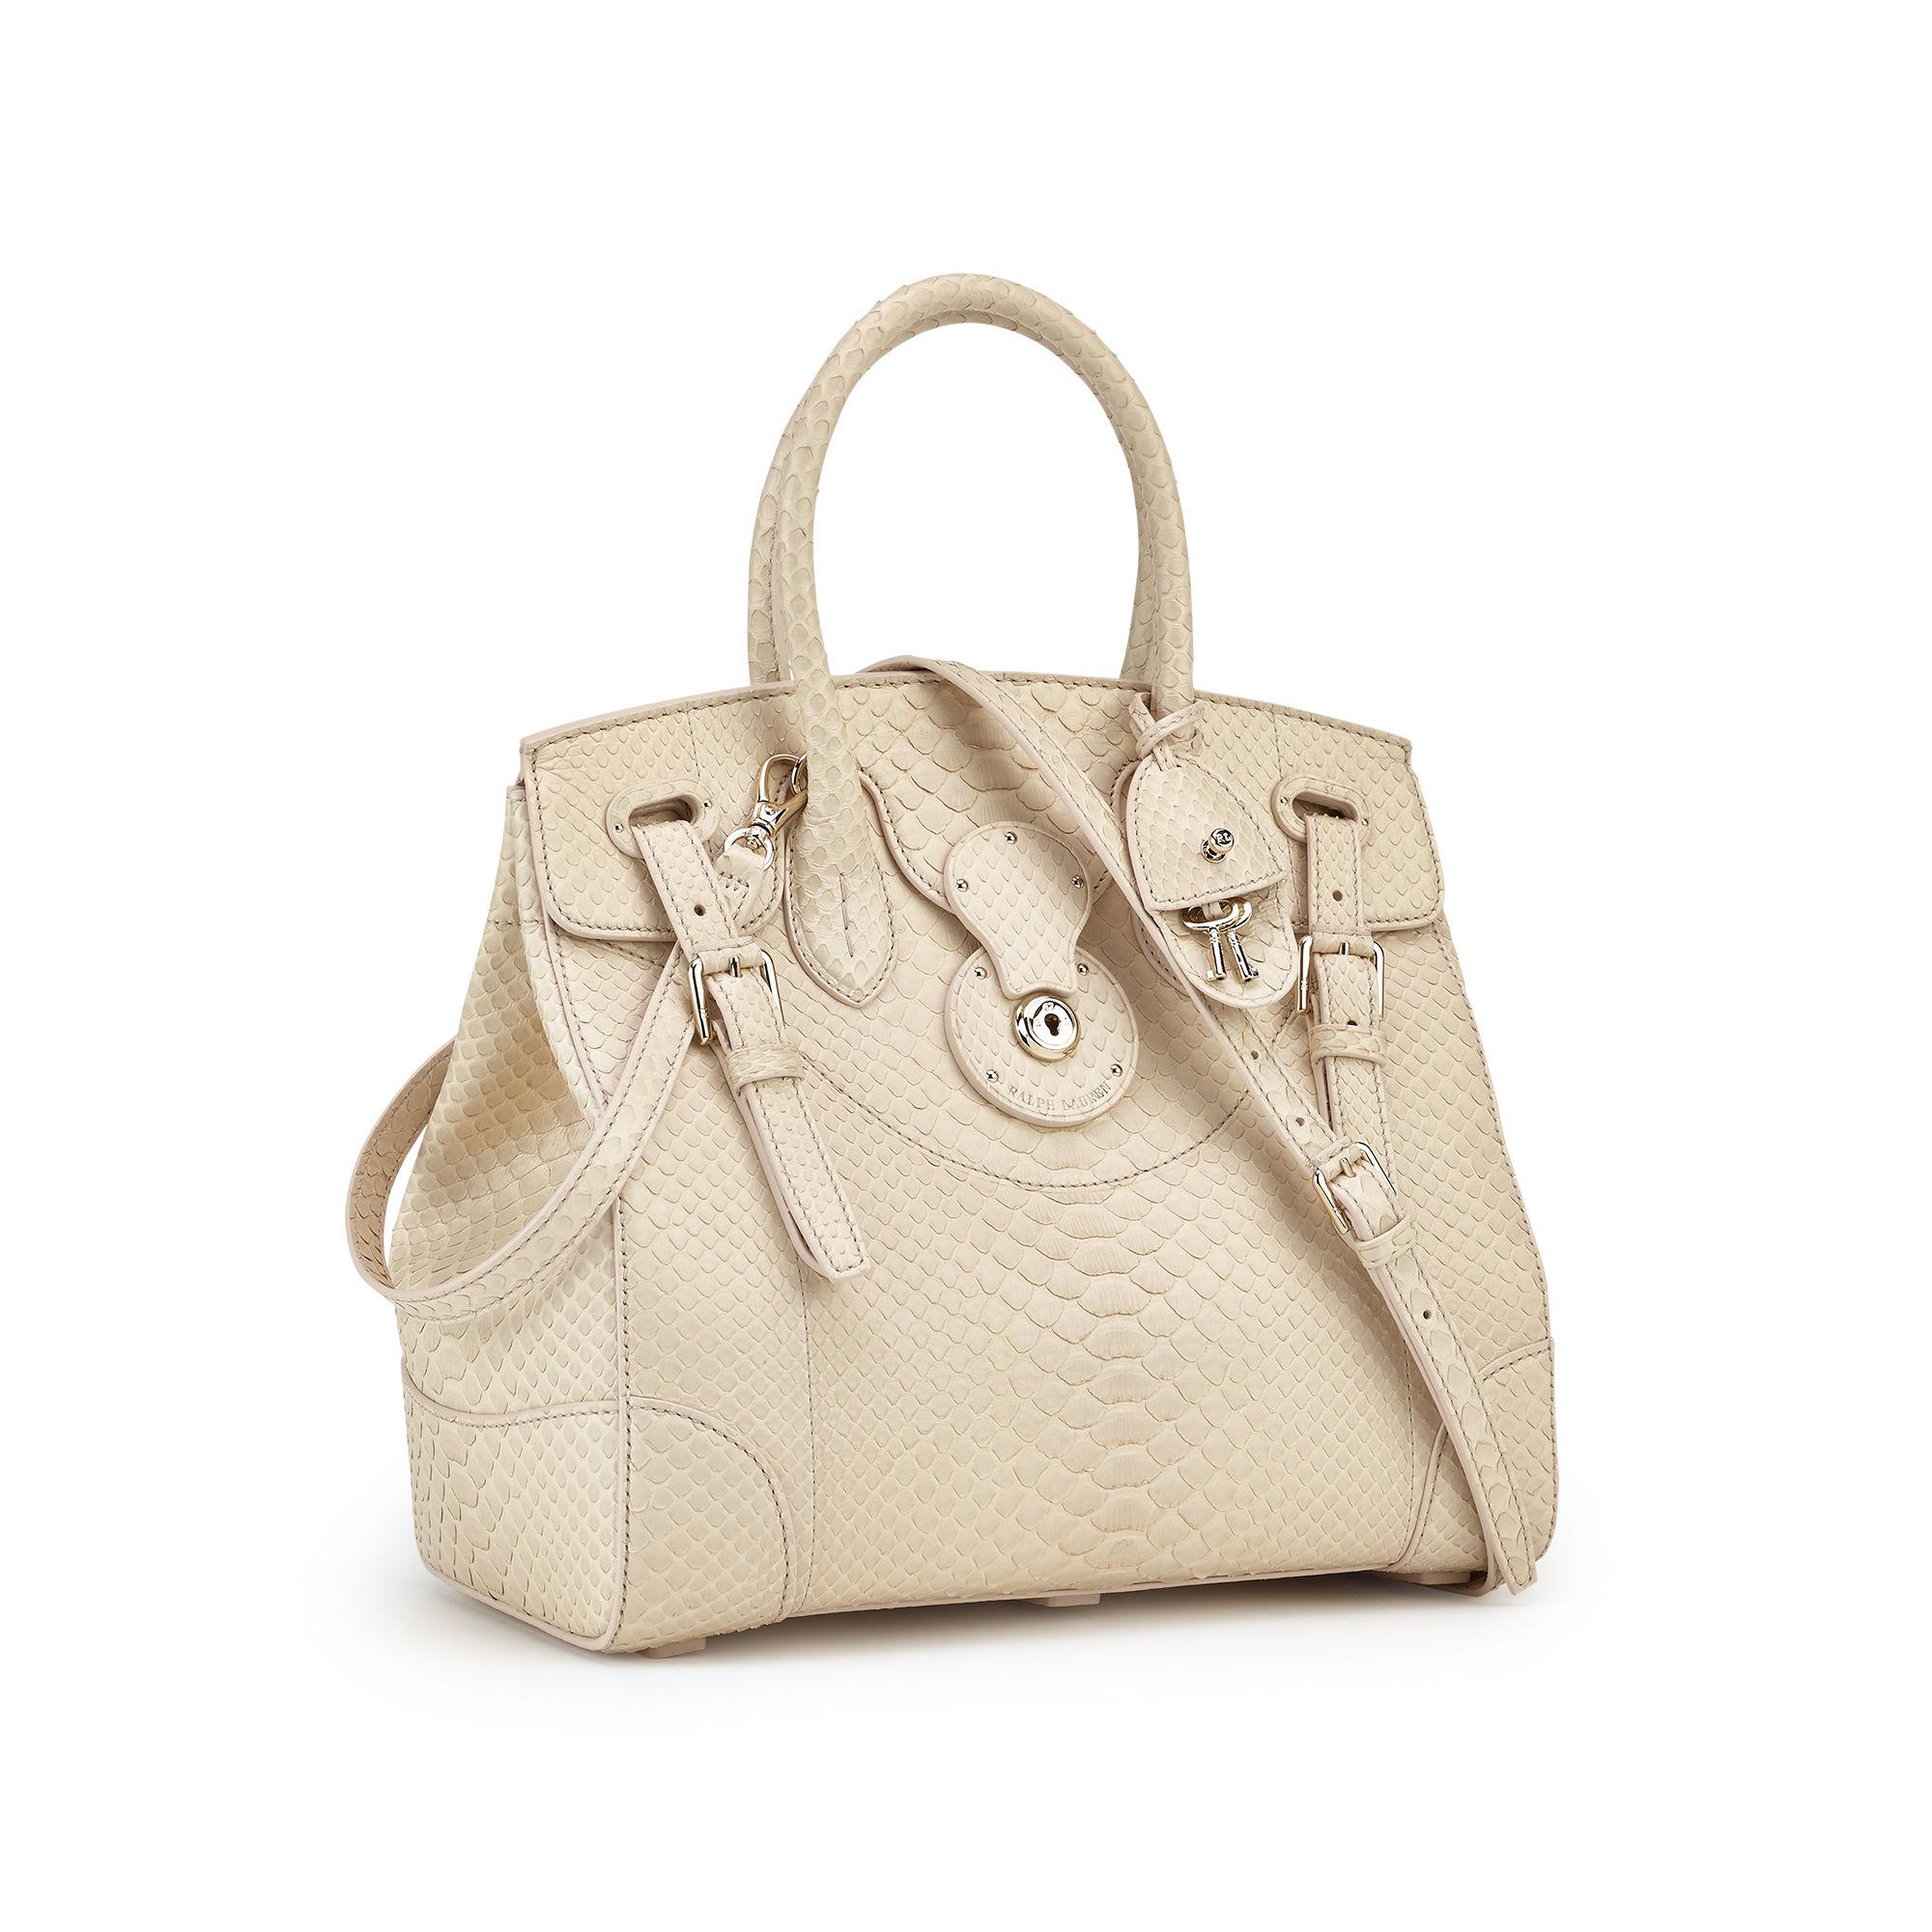 Ralph Lauren Honey Python Soft Ricky Bag in Natural - Lyst c28d6b1d31